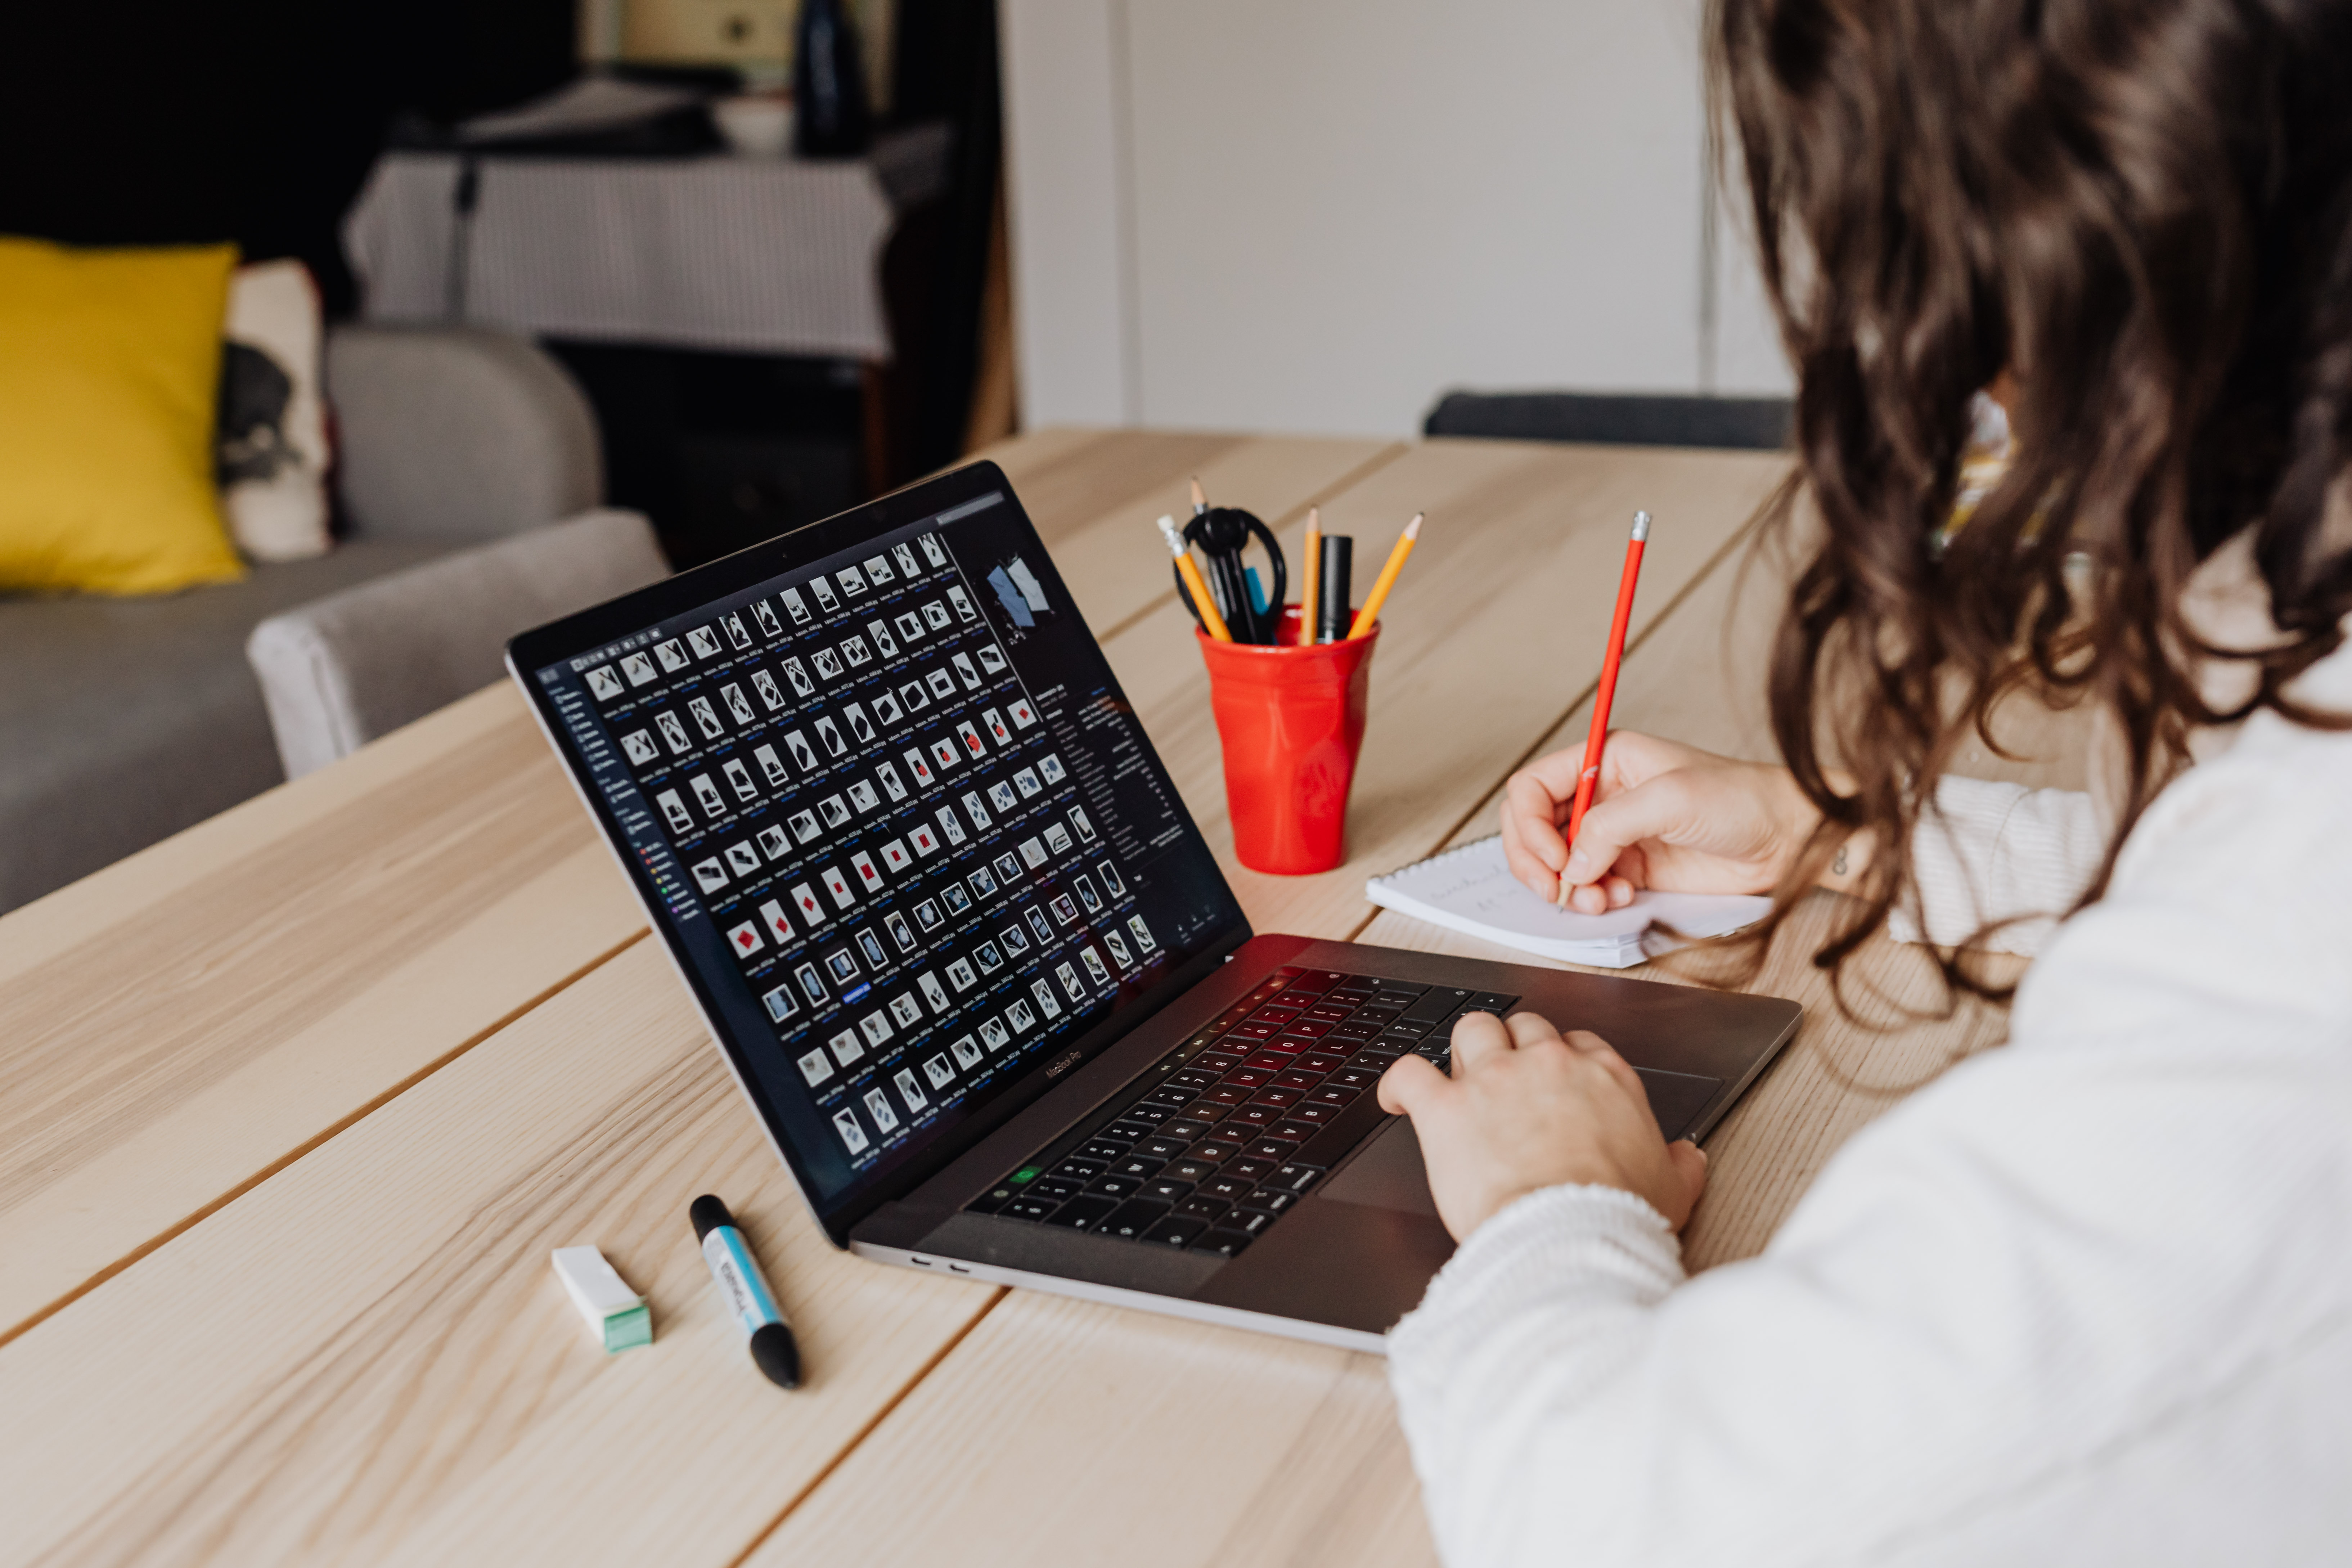 Butuh Layanan Konsultasi Psikologi Gratis Terkait Wabah Covid-19? Berikut 4 Perguruan Tinggi Negeri yang Buka Layanan Konsultasi Online Gratis